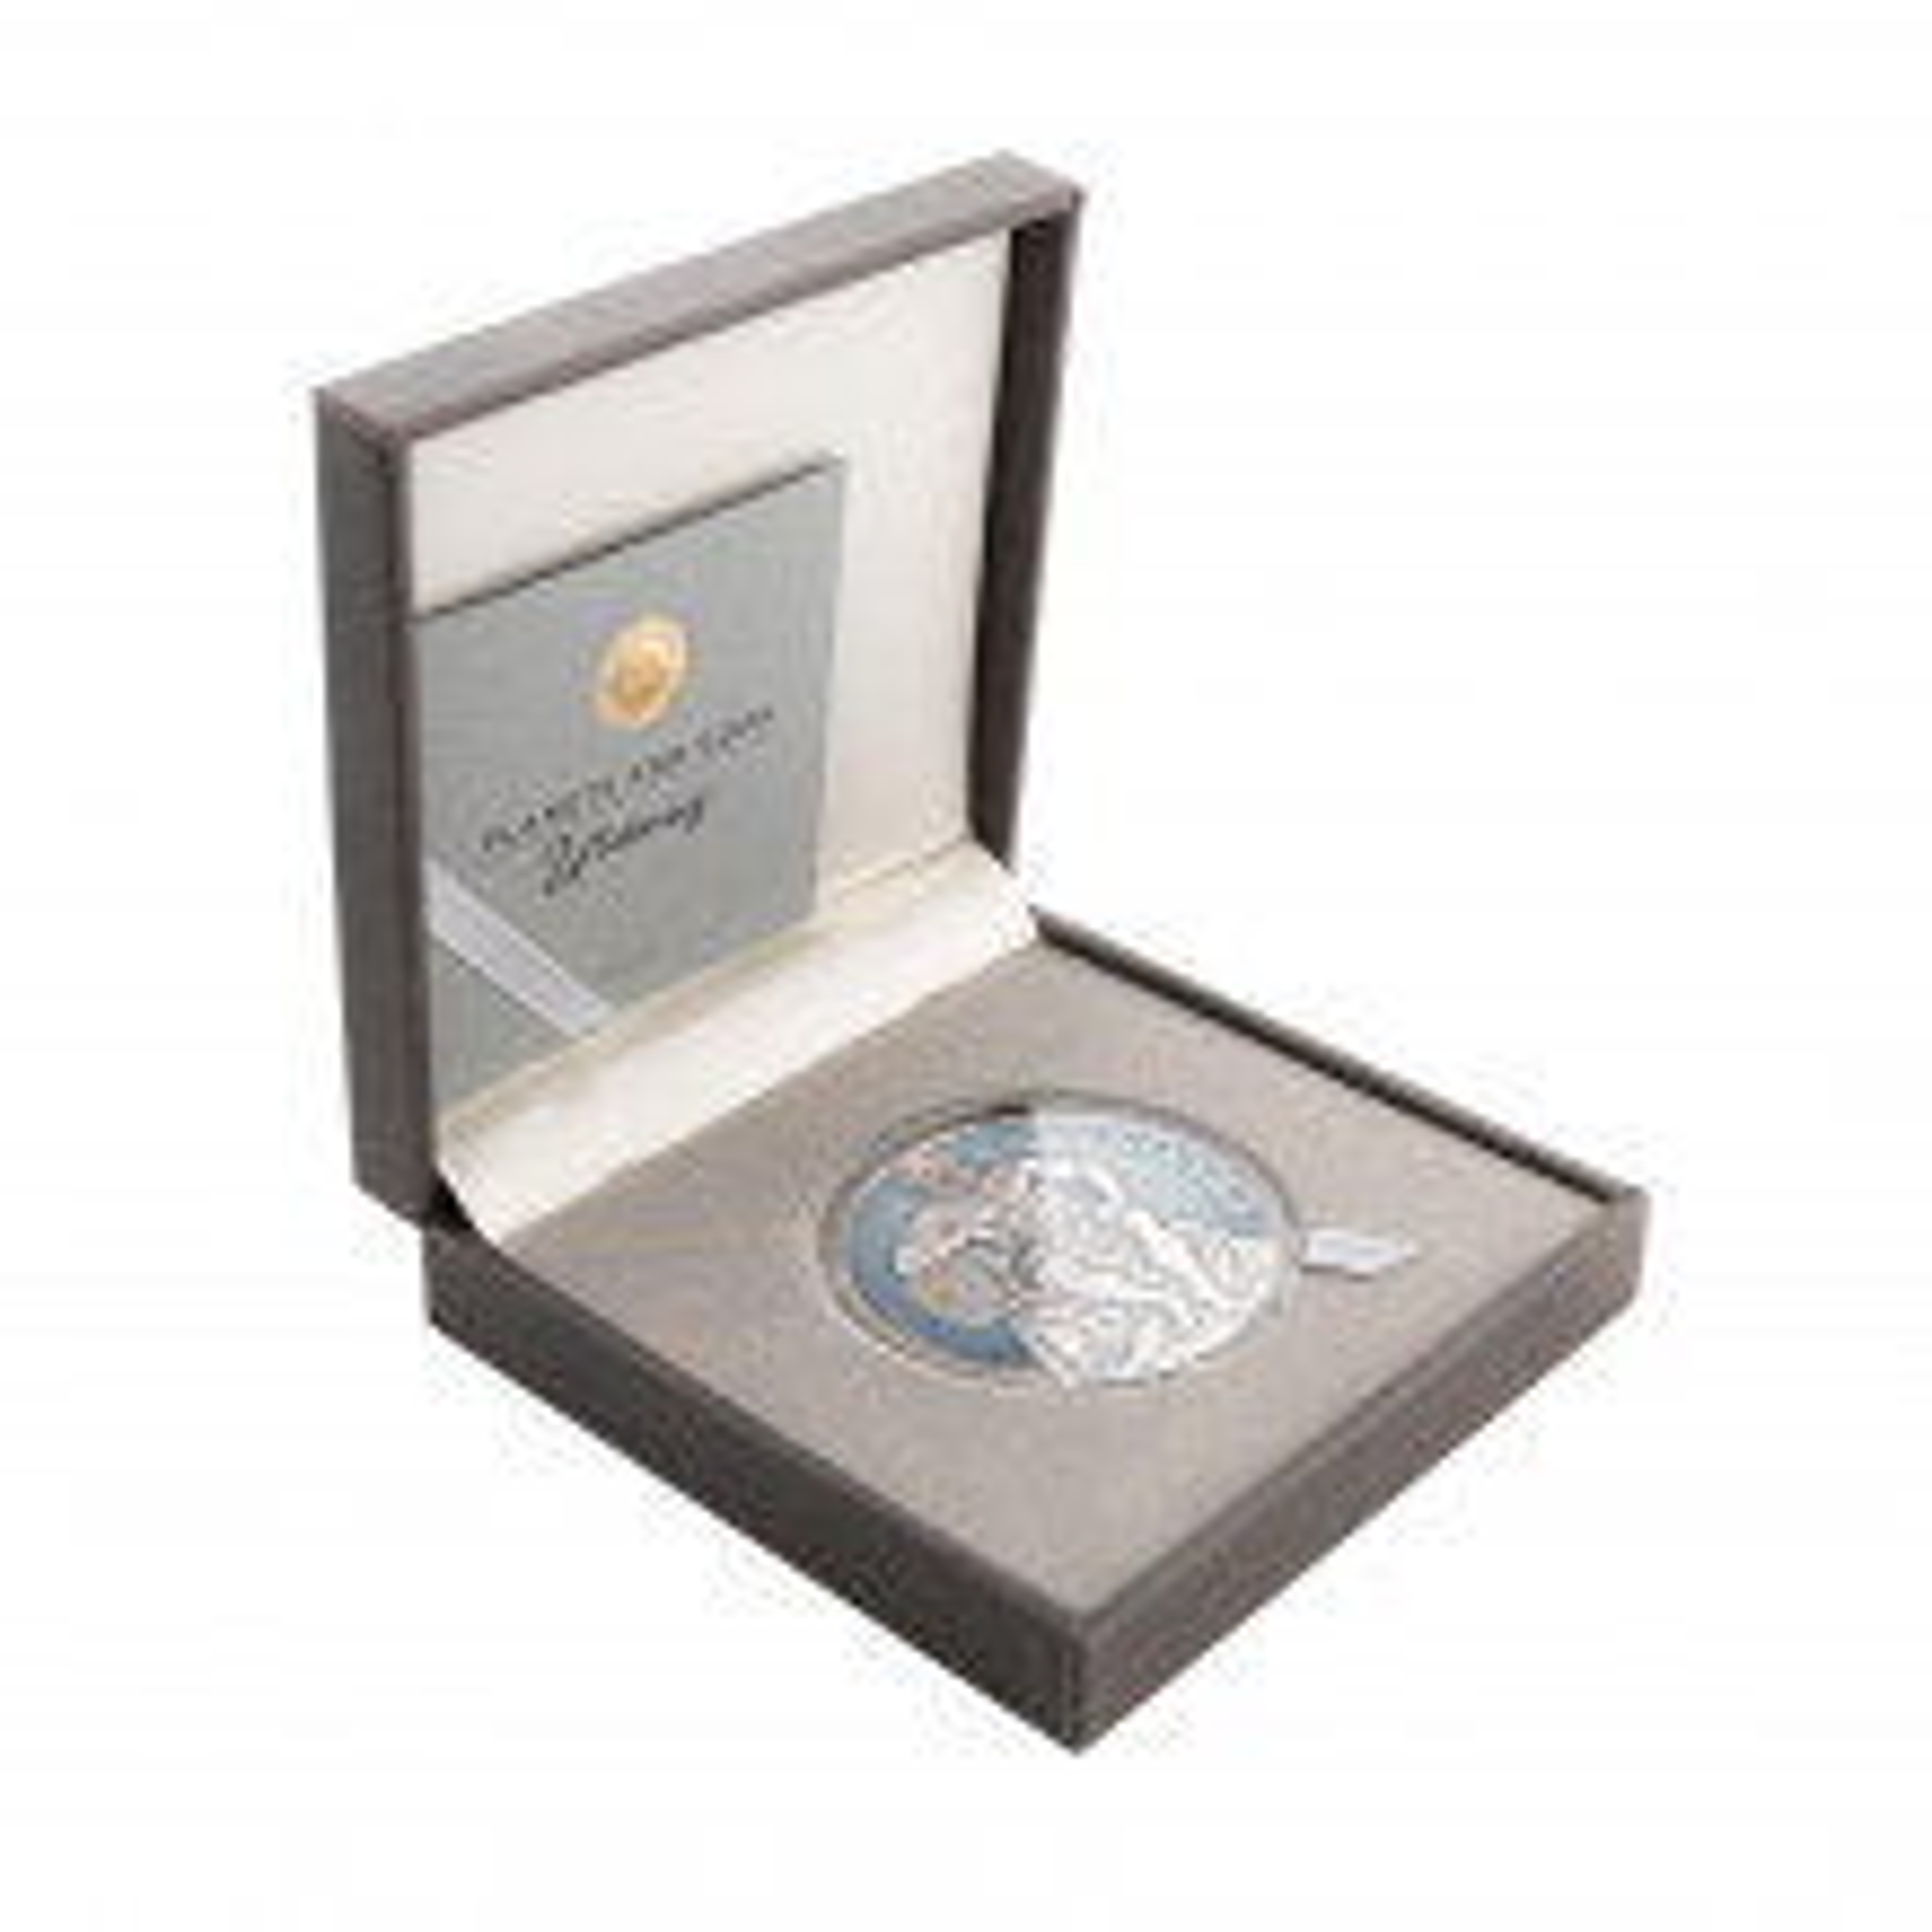 3 troy ounce silver coin Cameroon - Uranus 2020